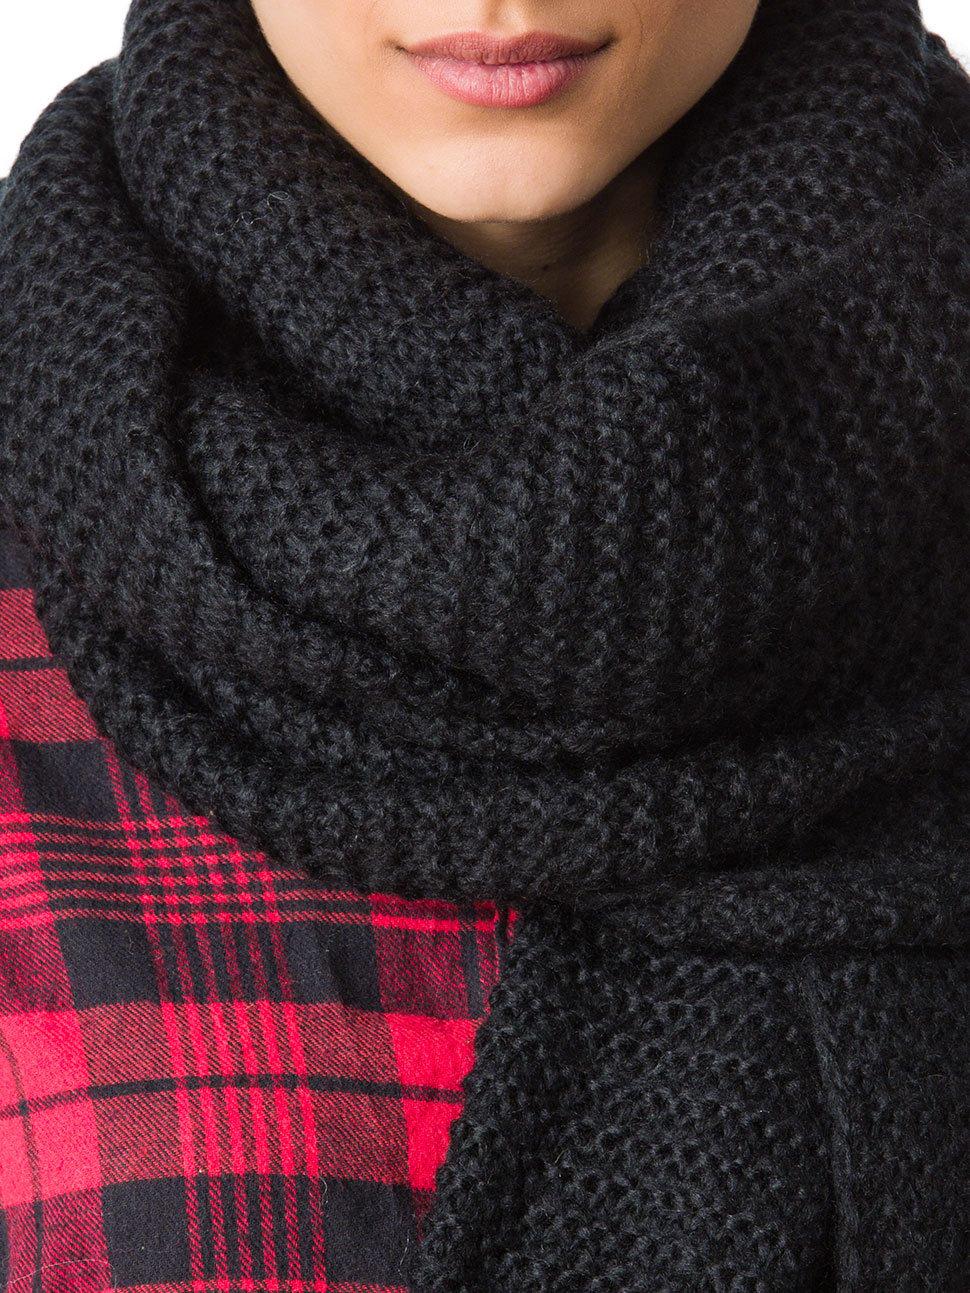 Tolle Ideen für einen Schal schwarz häkeln